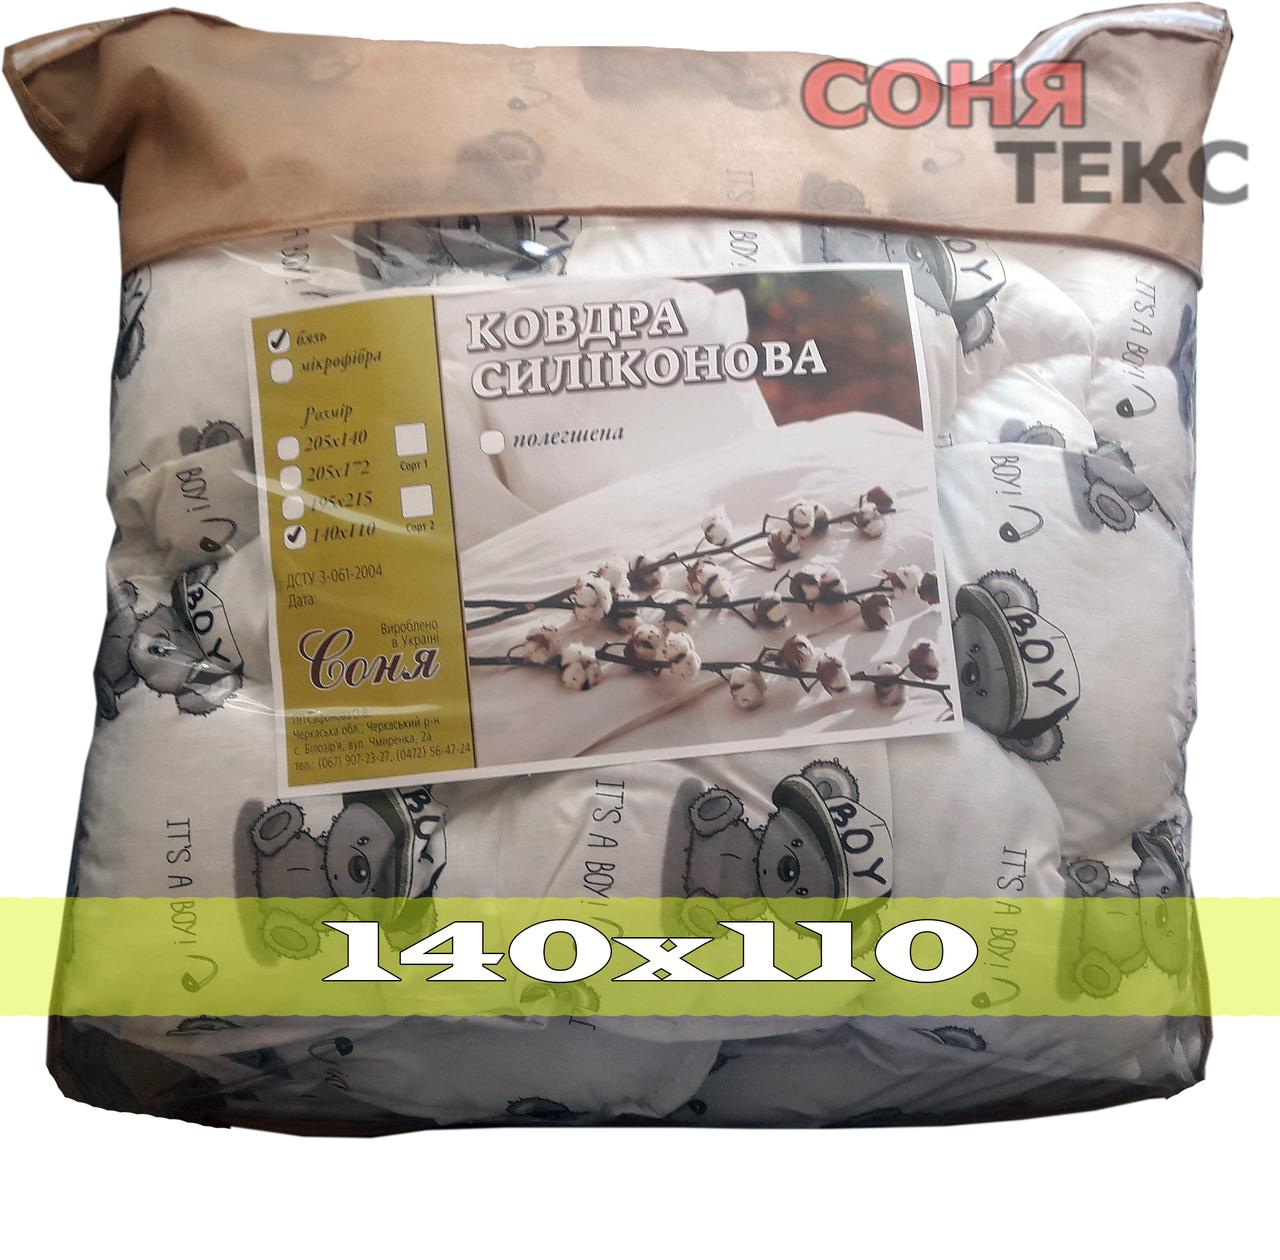 """Одеяло в детскую кроватку """"Boy"""" 140х110 (для мальчика) - СОНЯ ТЕКС"""